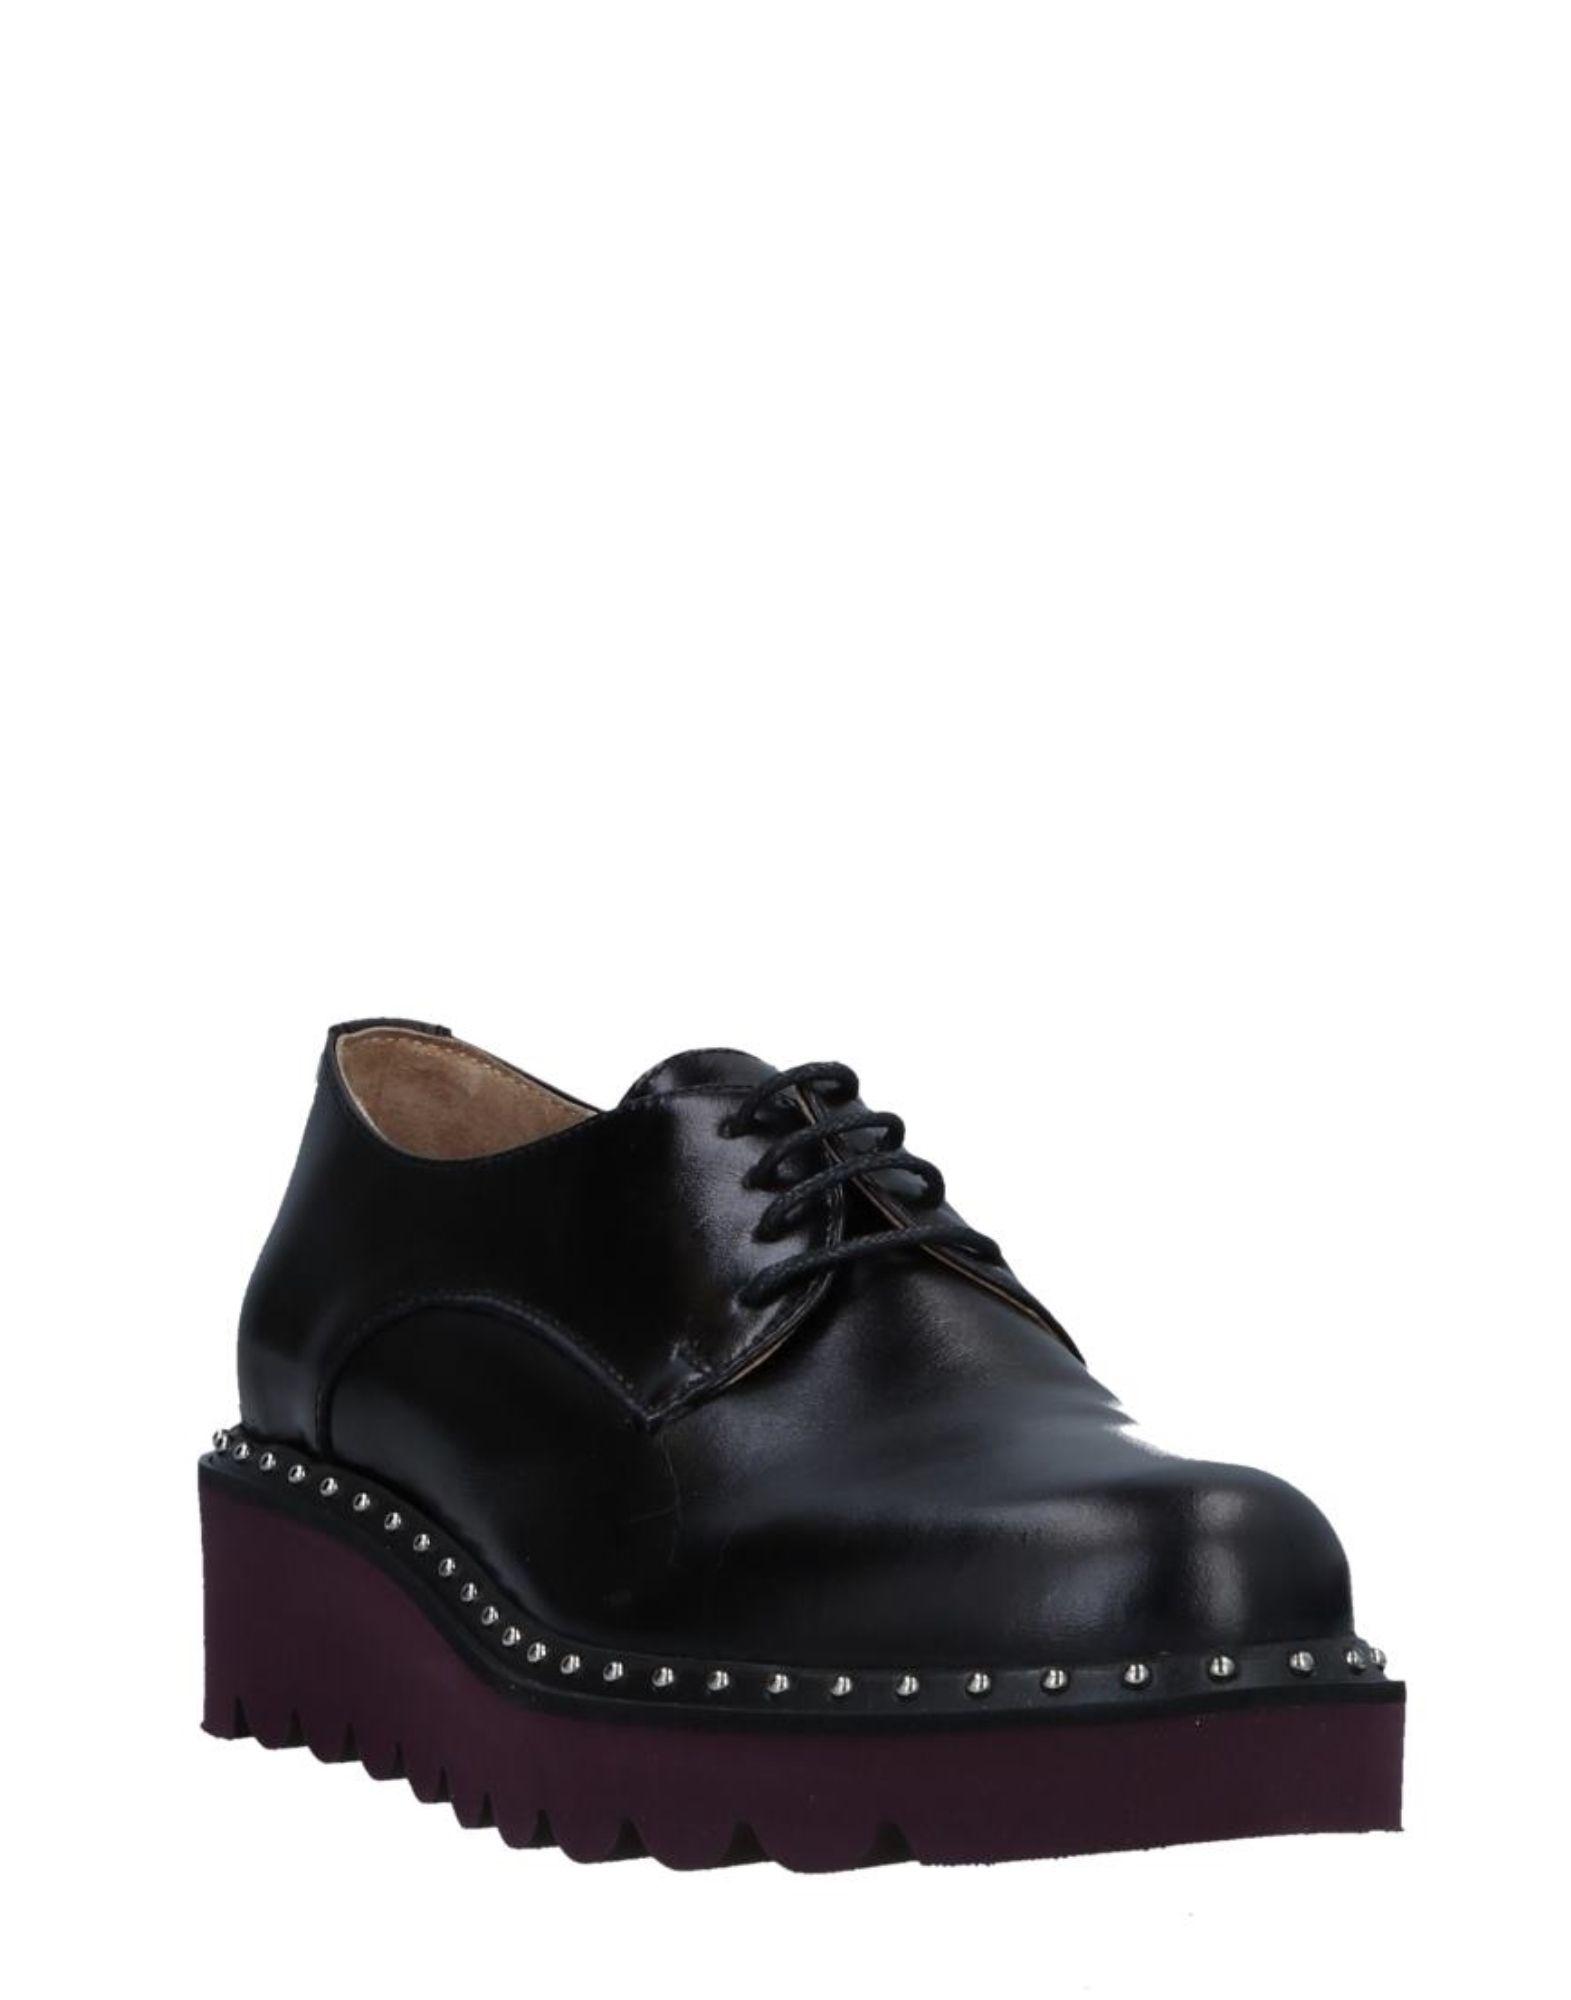 Poesie Veneziane Schnürschuhe Damen beliebte  11514887SE Gute Qualität beliebte Damen Schuhe 5fccb1